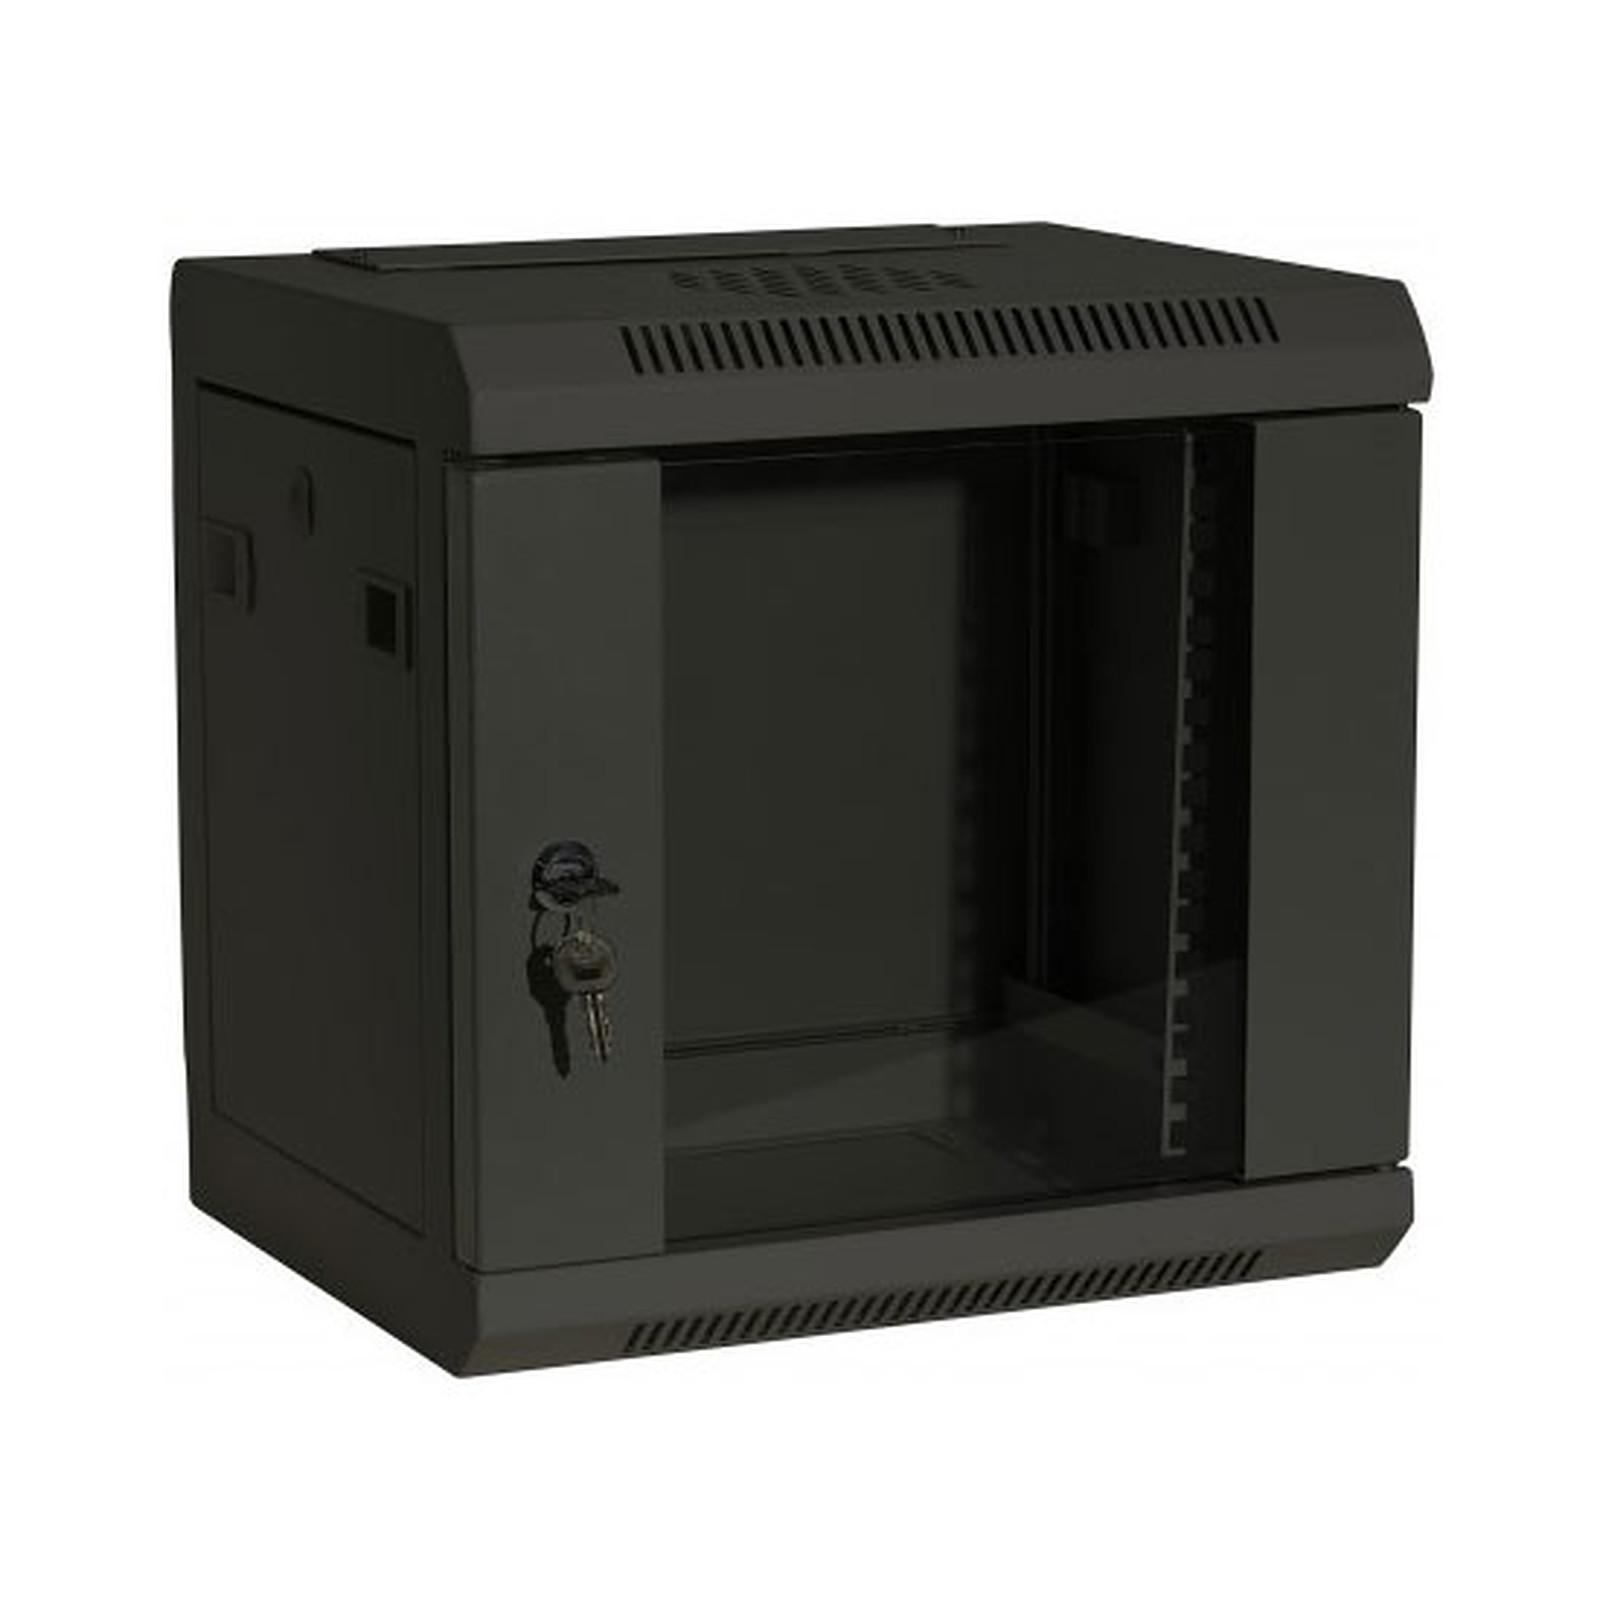 Dexlan coffret réseau - fixe - largeur 10'' - hauteur 6U - profondeur 28 cm - charge utile 10 kg - coloris noir